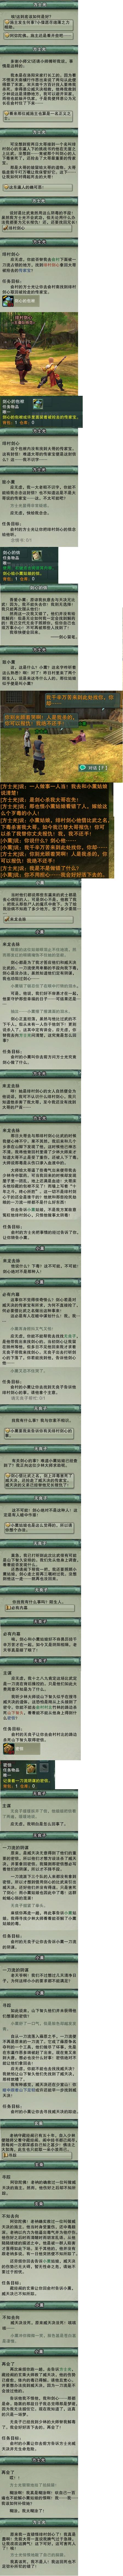 支线任务 - 俞村 - 剑心.jpg